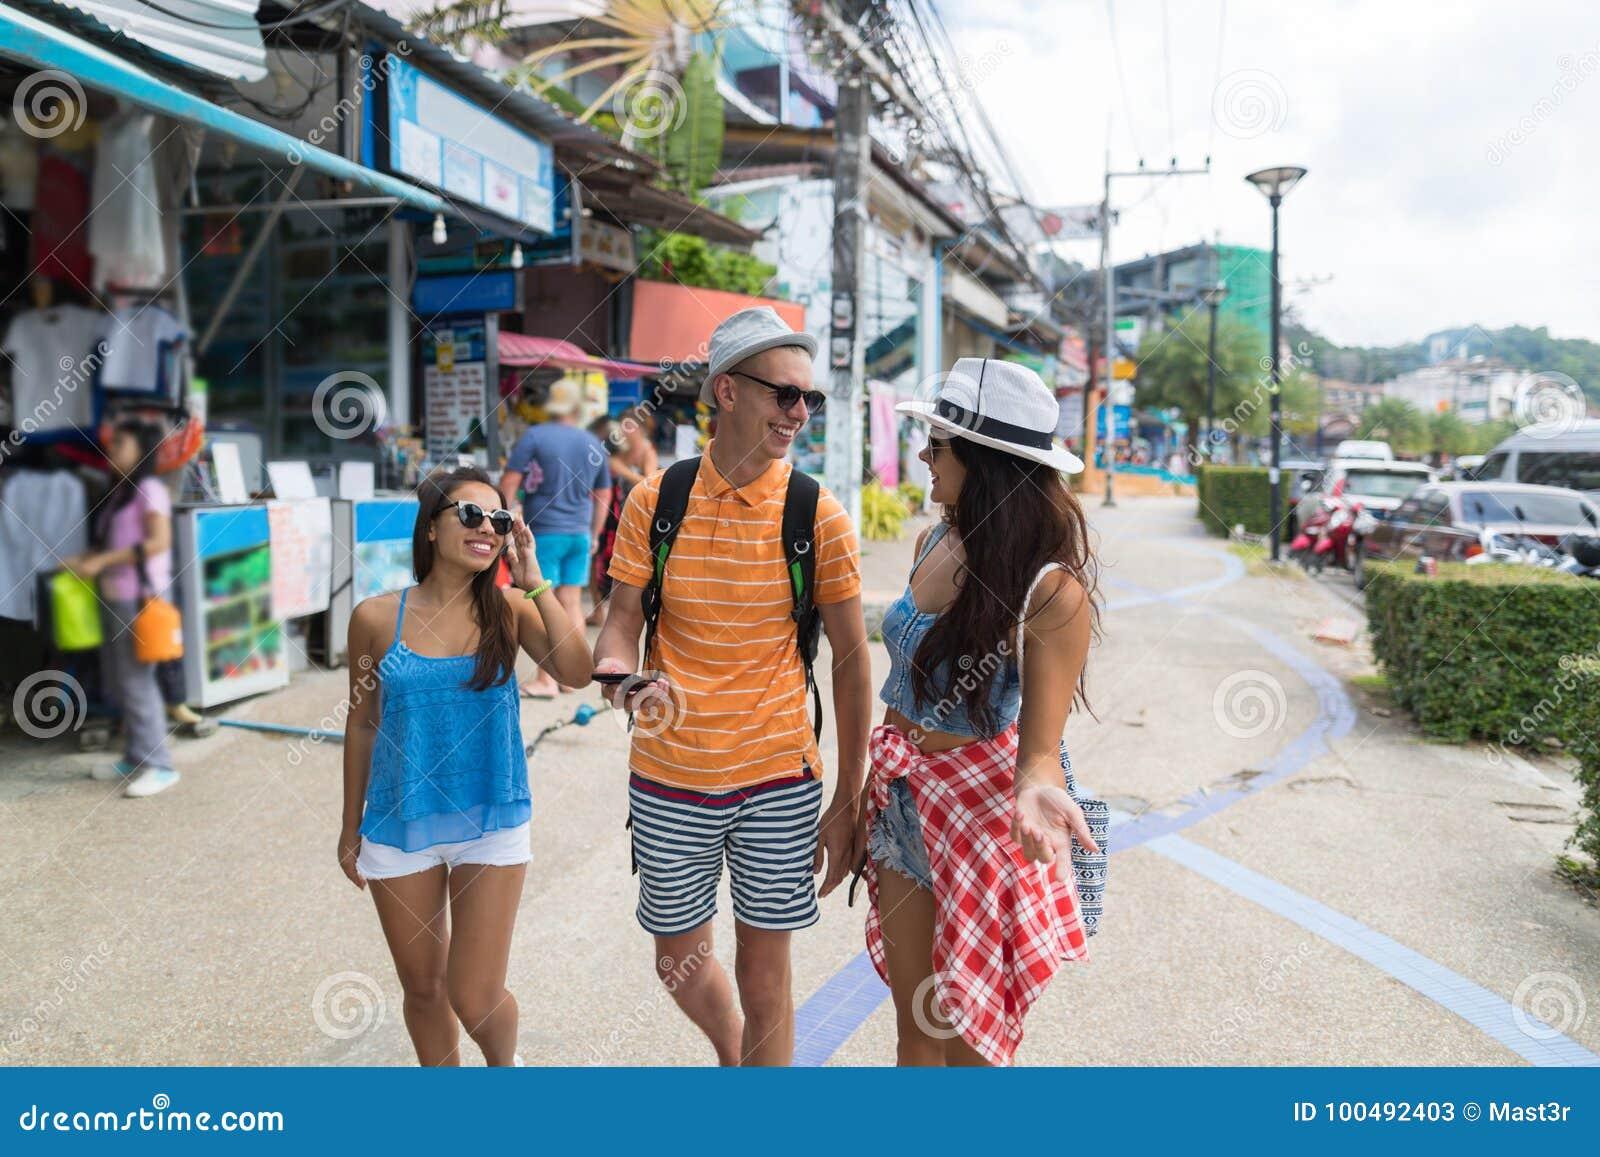 Grupa turyści Chodzi ulicę Wpólnie Patrzeje Dla właściwej wskazówki W telefonie komórkowym Azjatycki miasto